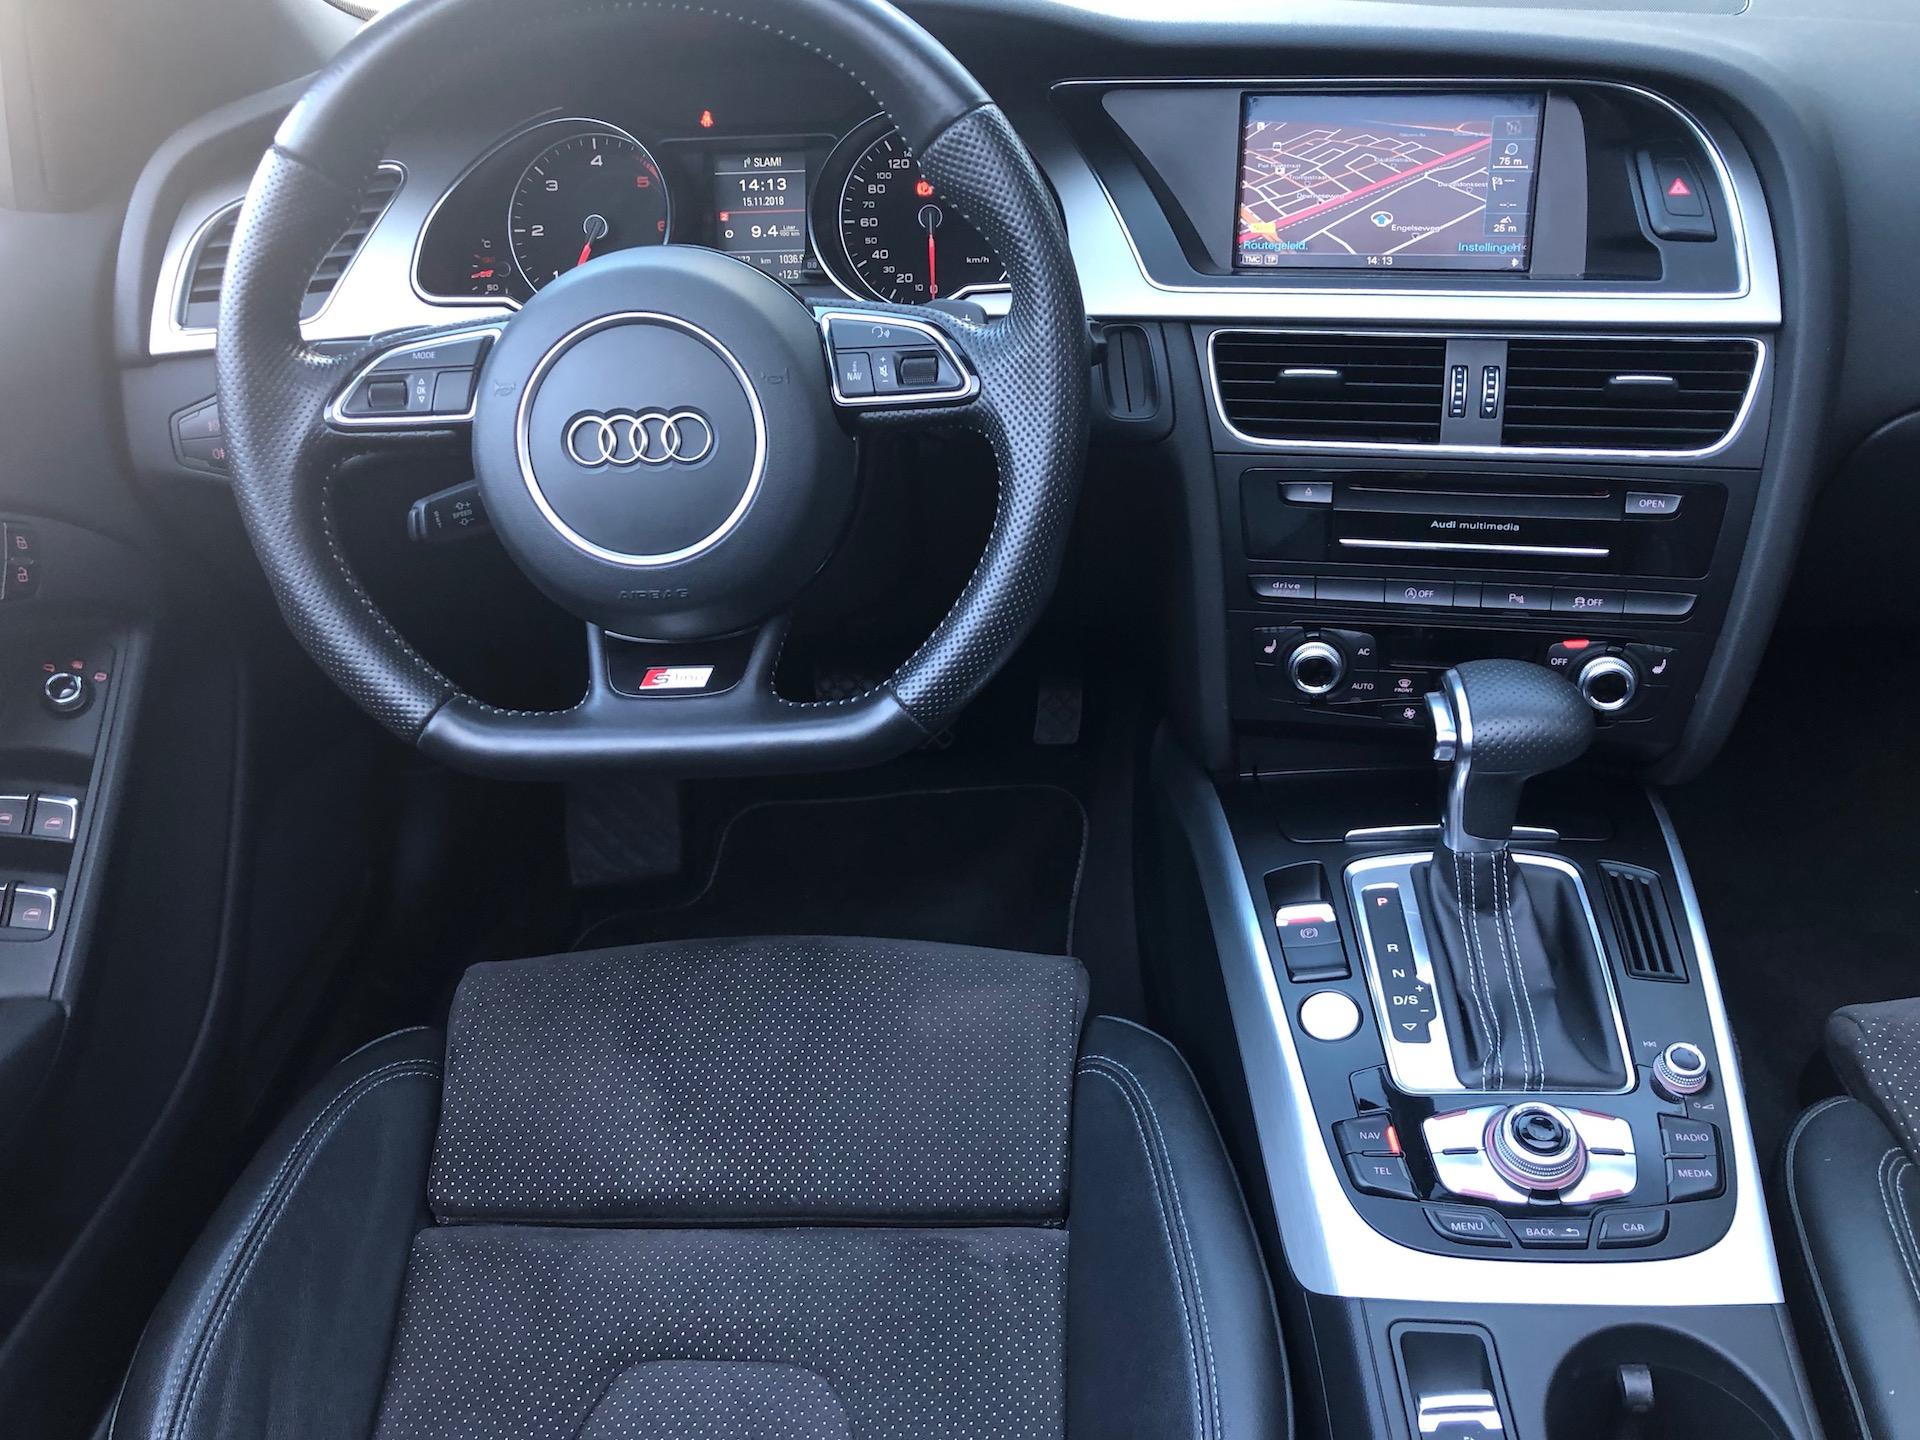 Audi A5 3.0 TDI S-Line Cabrio